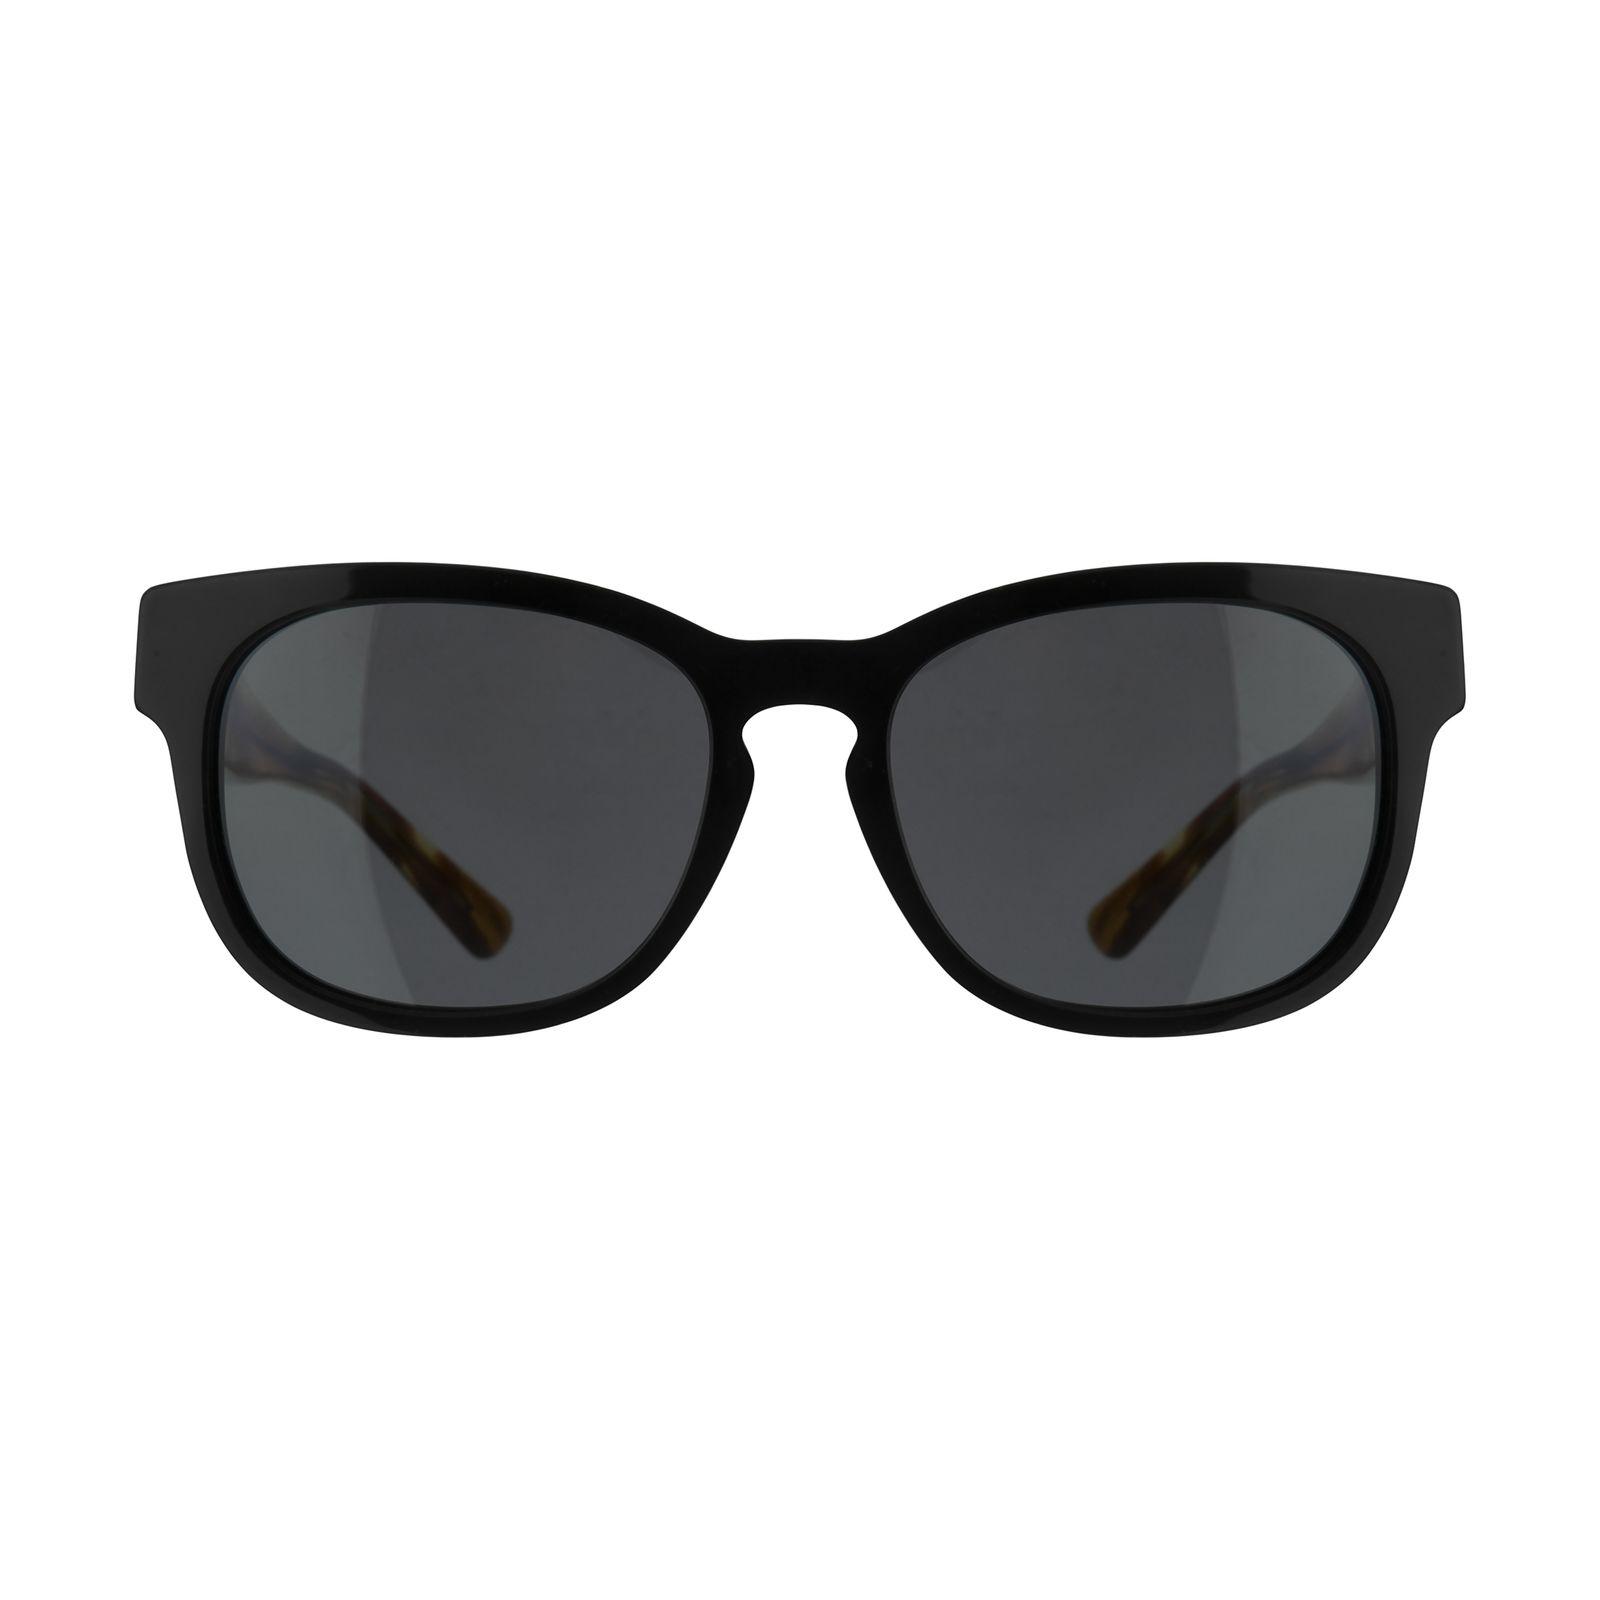 عینک آفتابی مردانه بربری مدل BE 4226S 360487 55 -  - 2